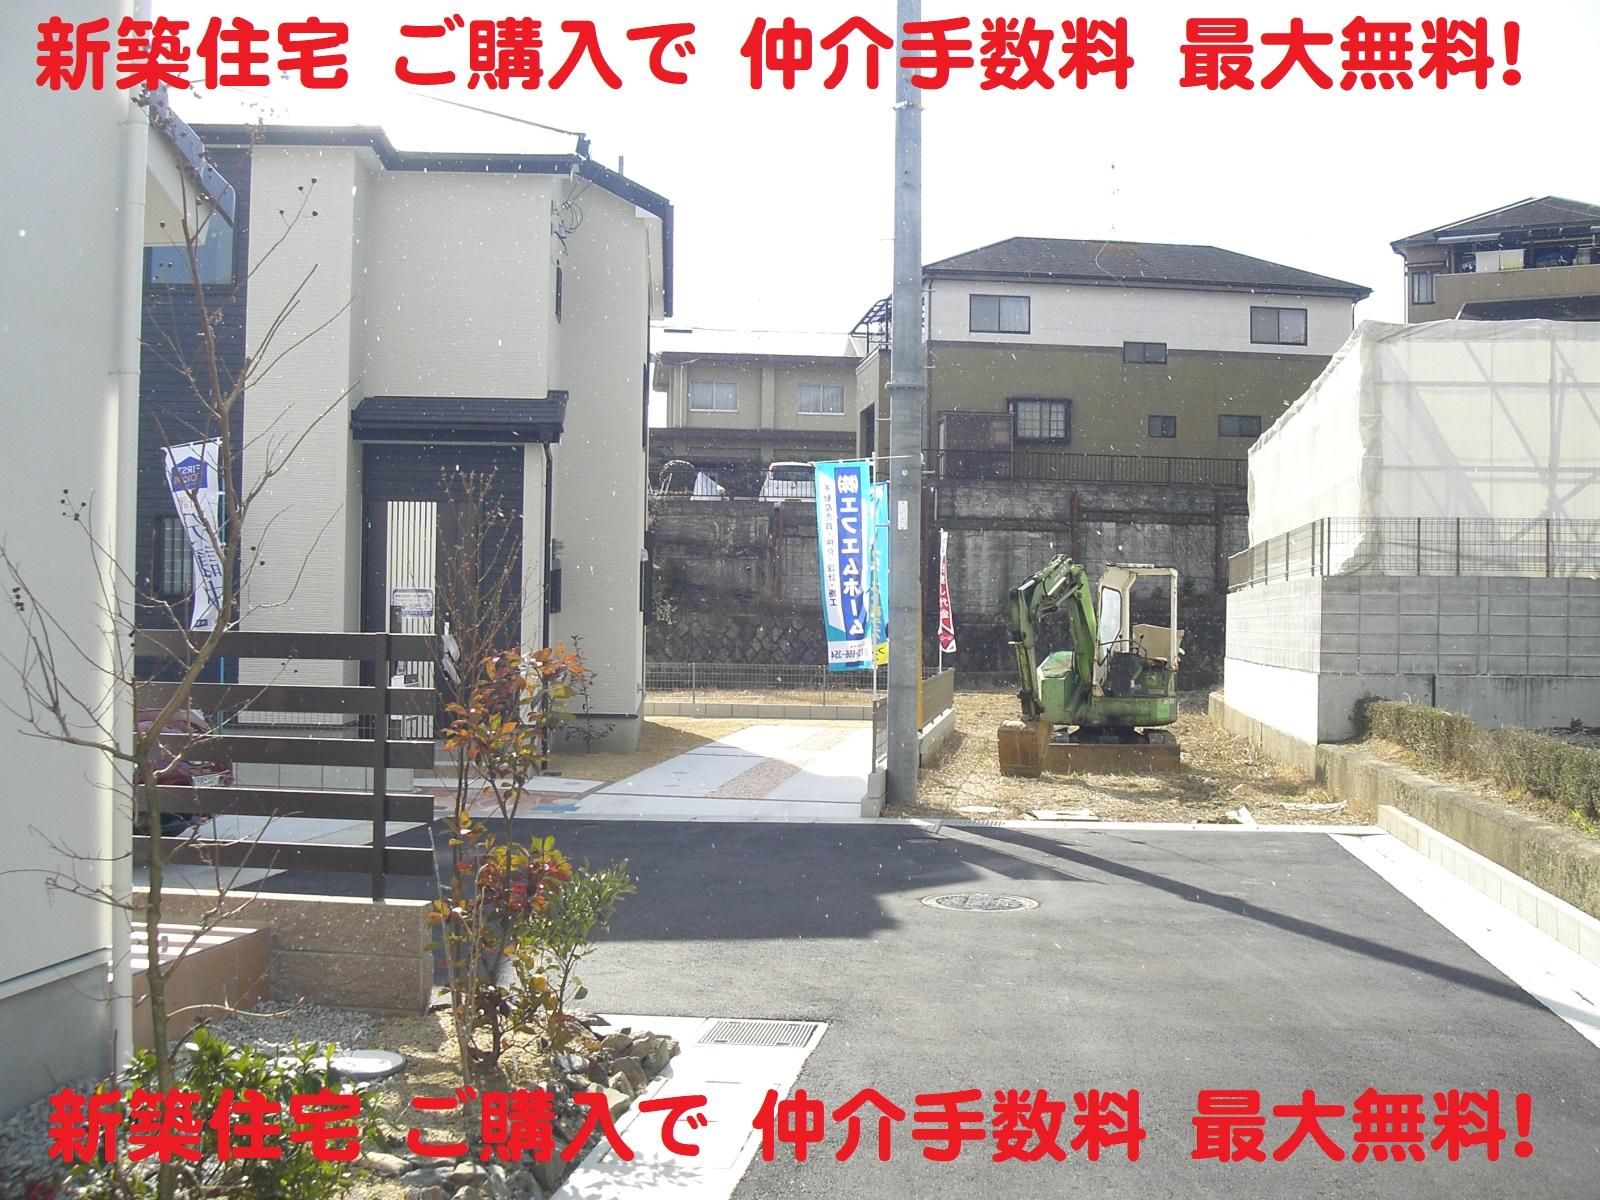 奈良県 王寺町 新築 ご購入で、仲介手数料 最大無料です。